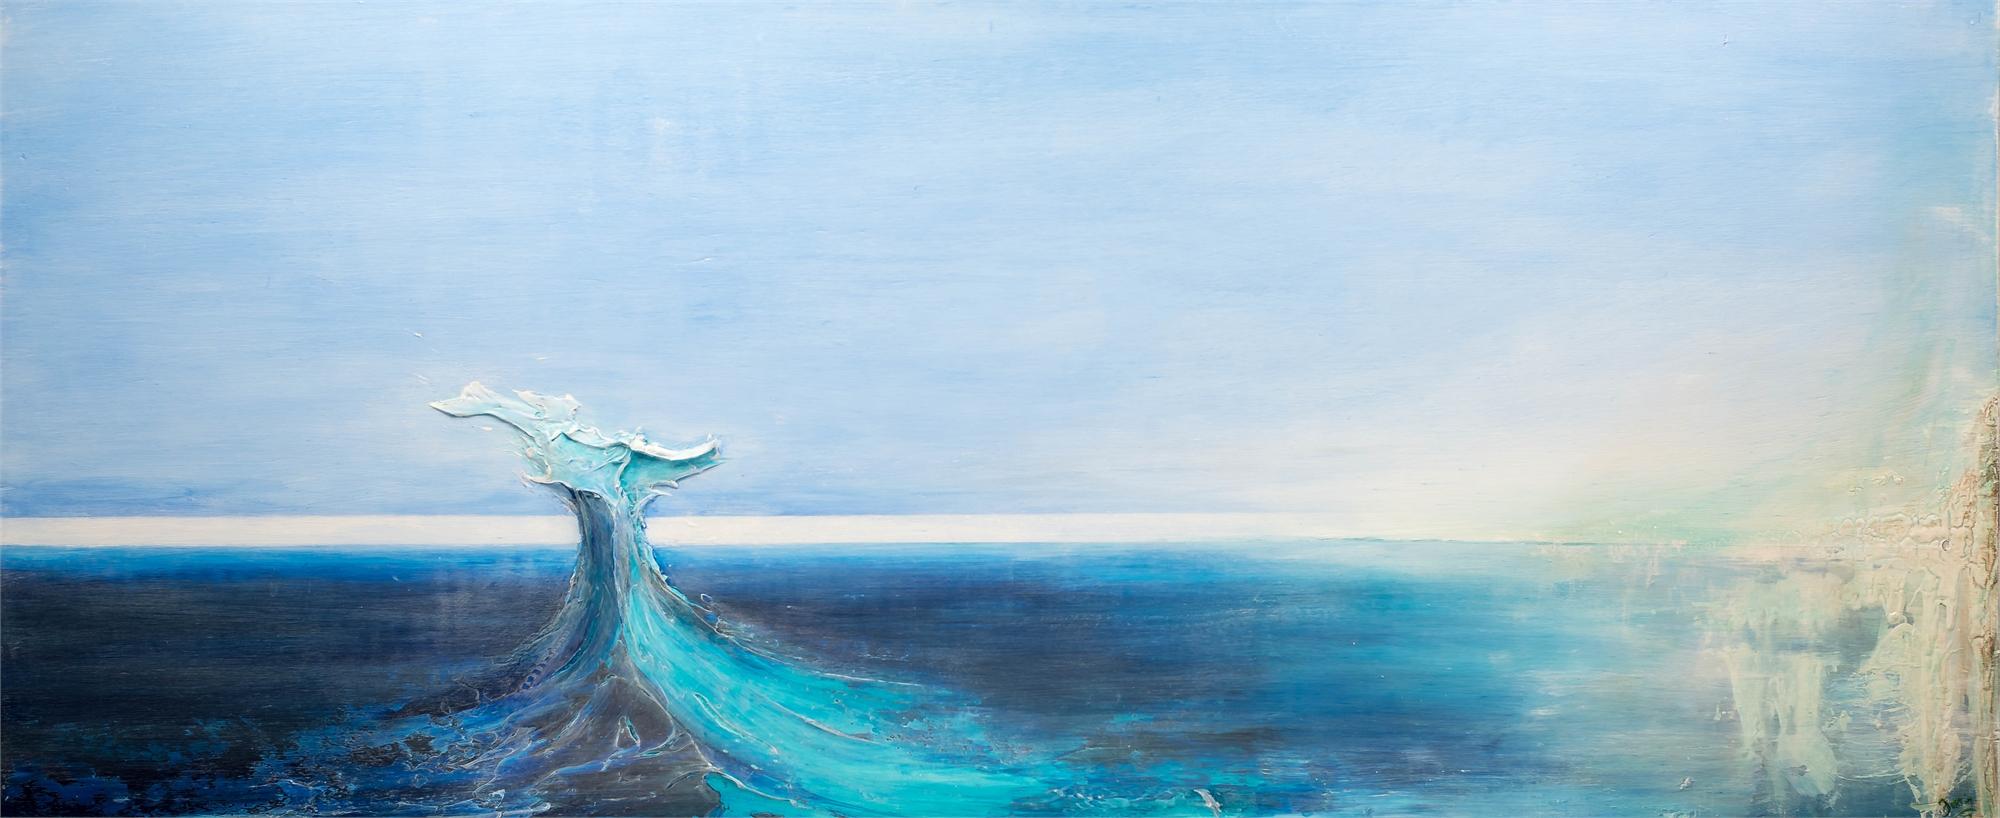 Seascape by JUSTIN GAFFREY